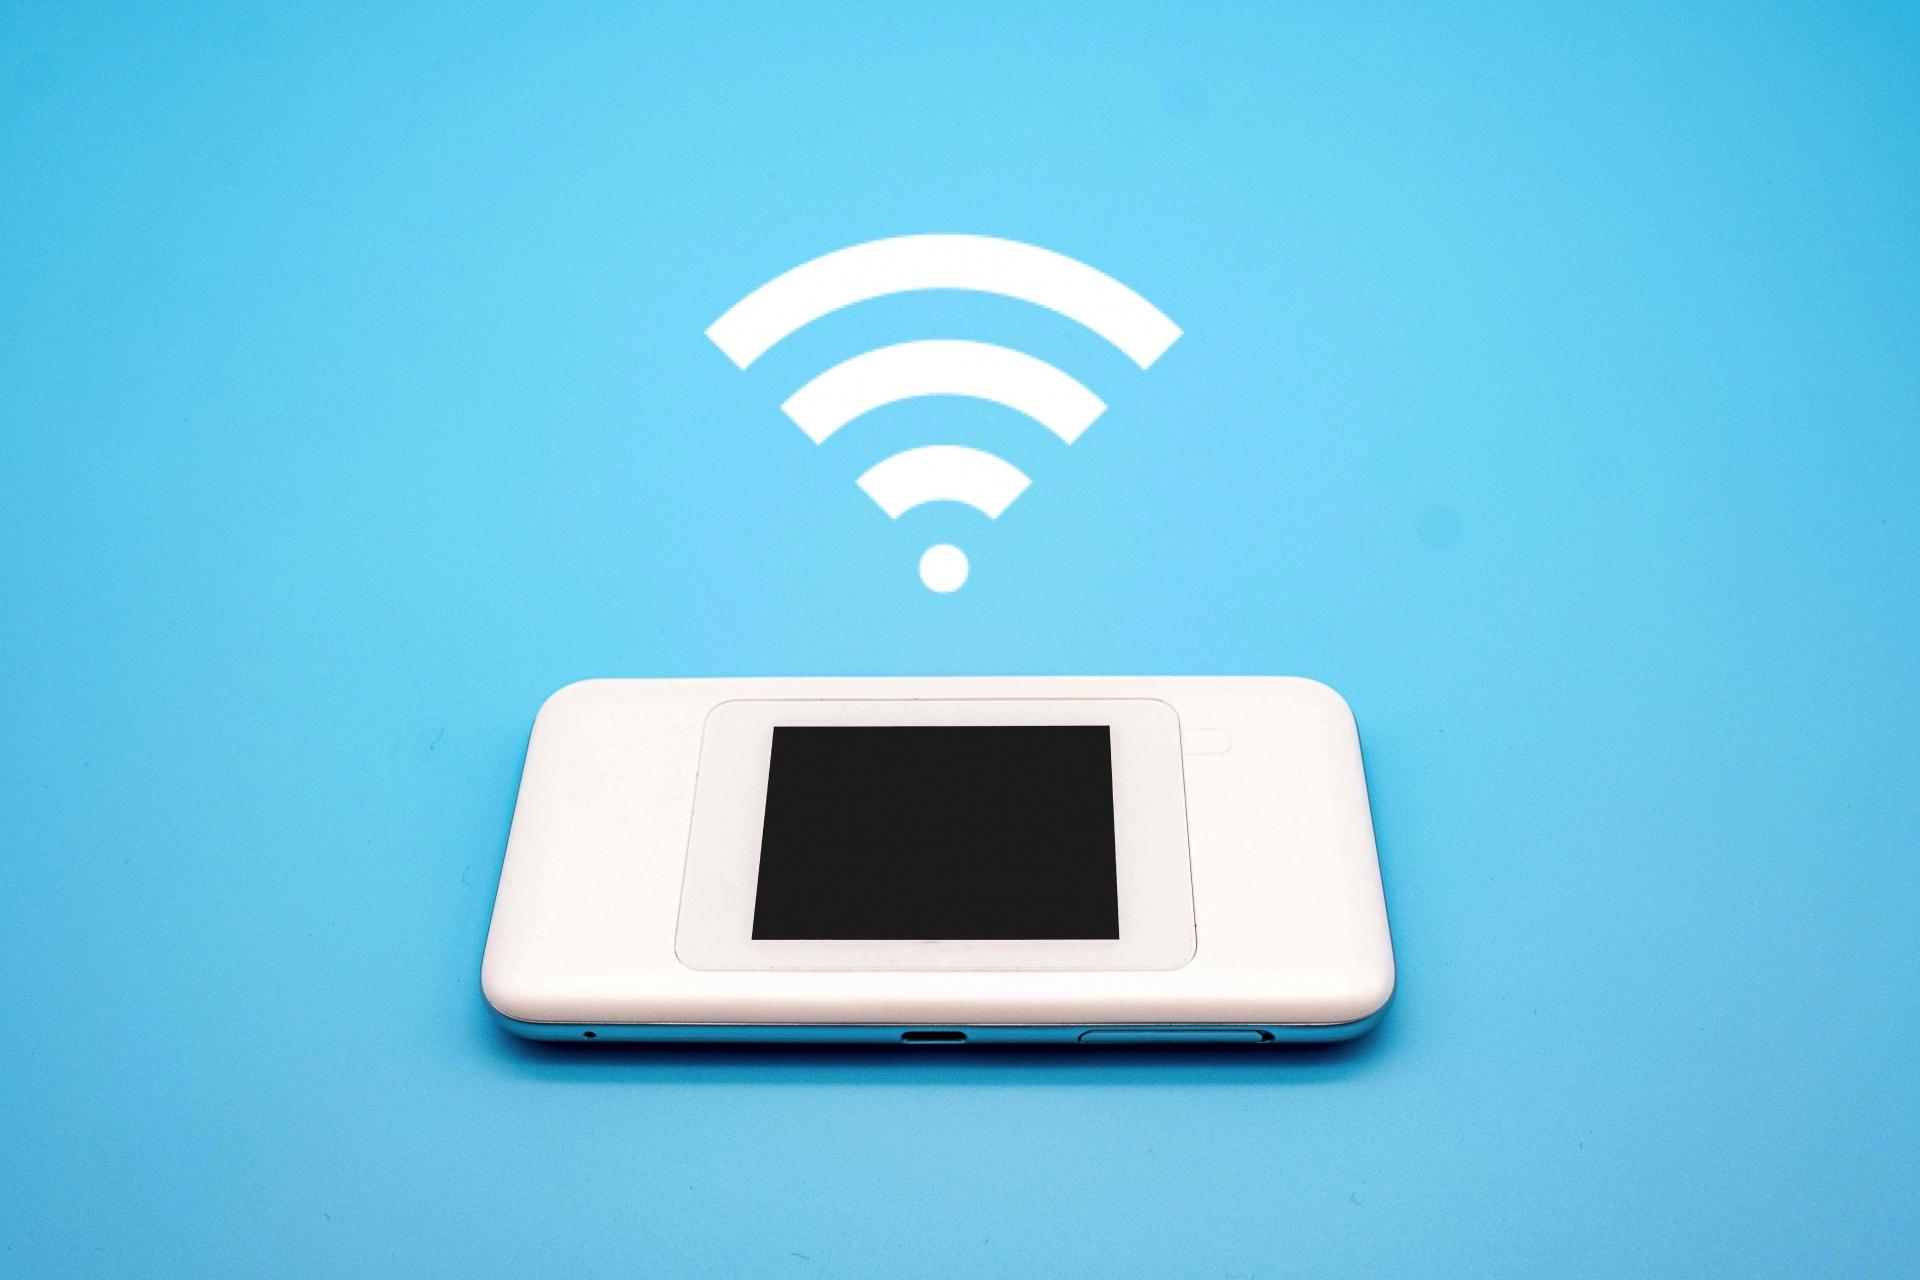 テザリングVS WiFi